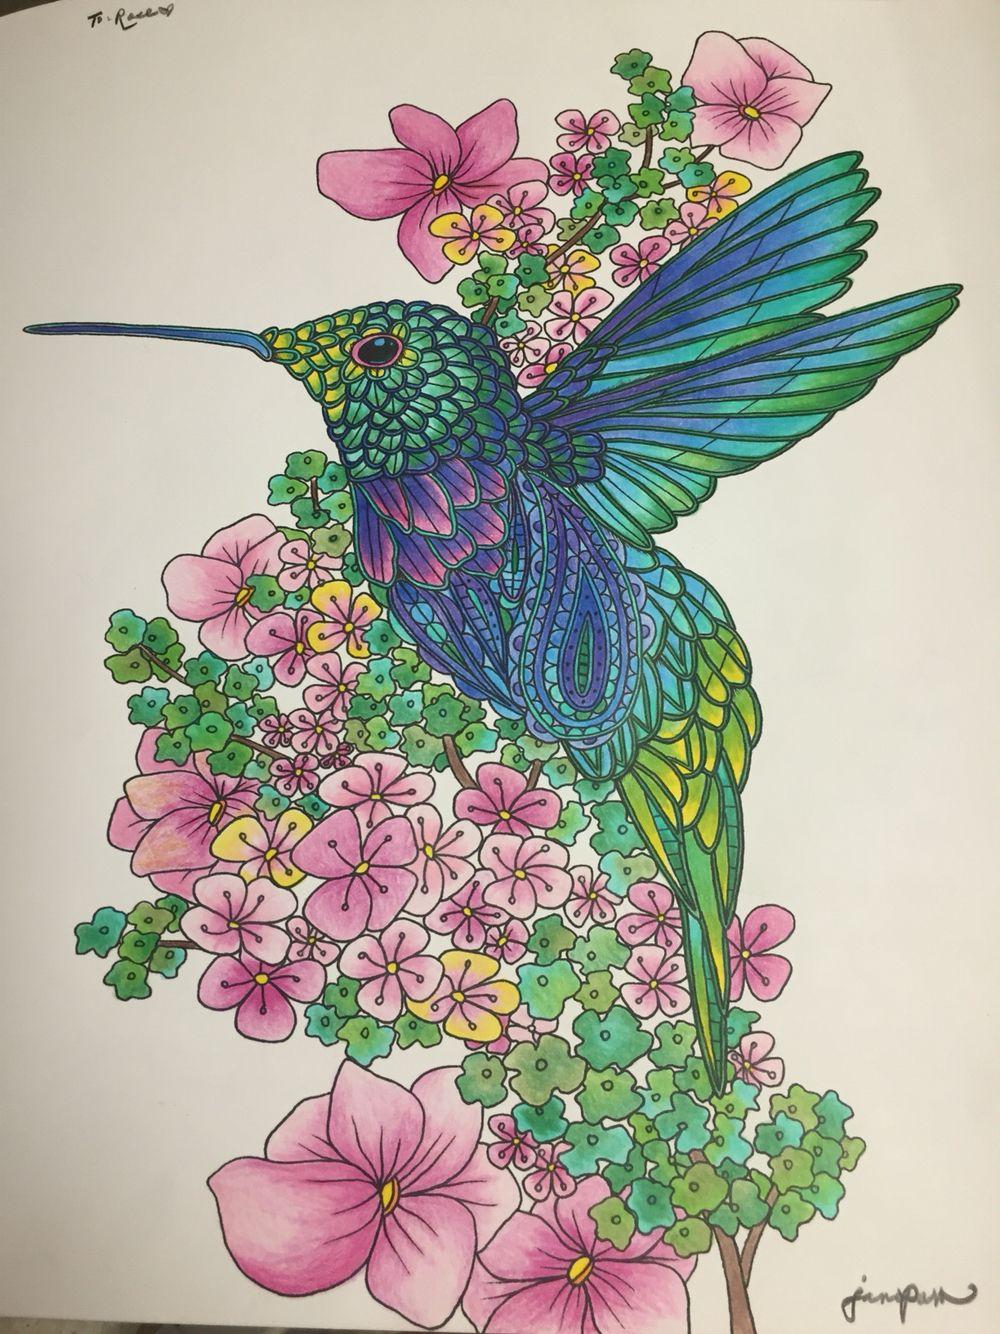 Birds Coloring Book By Georgie Woolridge Hummingbird Coloring Book Art Bird Coloring Pages Hummingbird Drawing